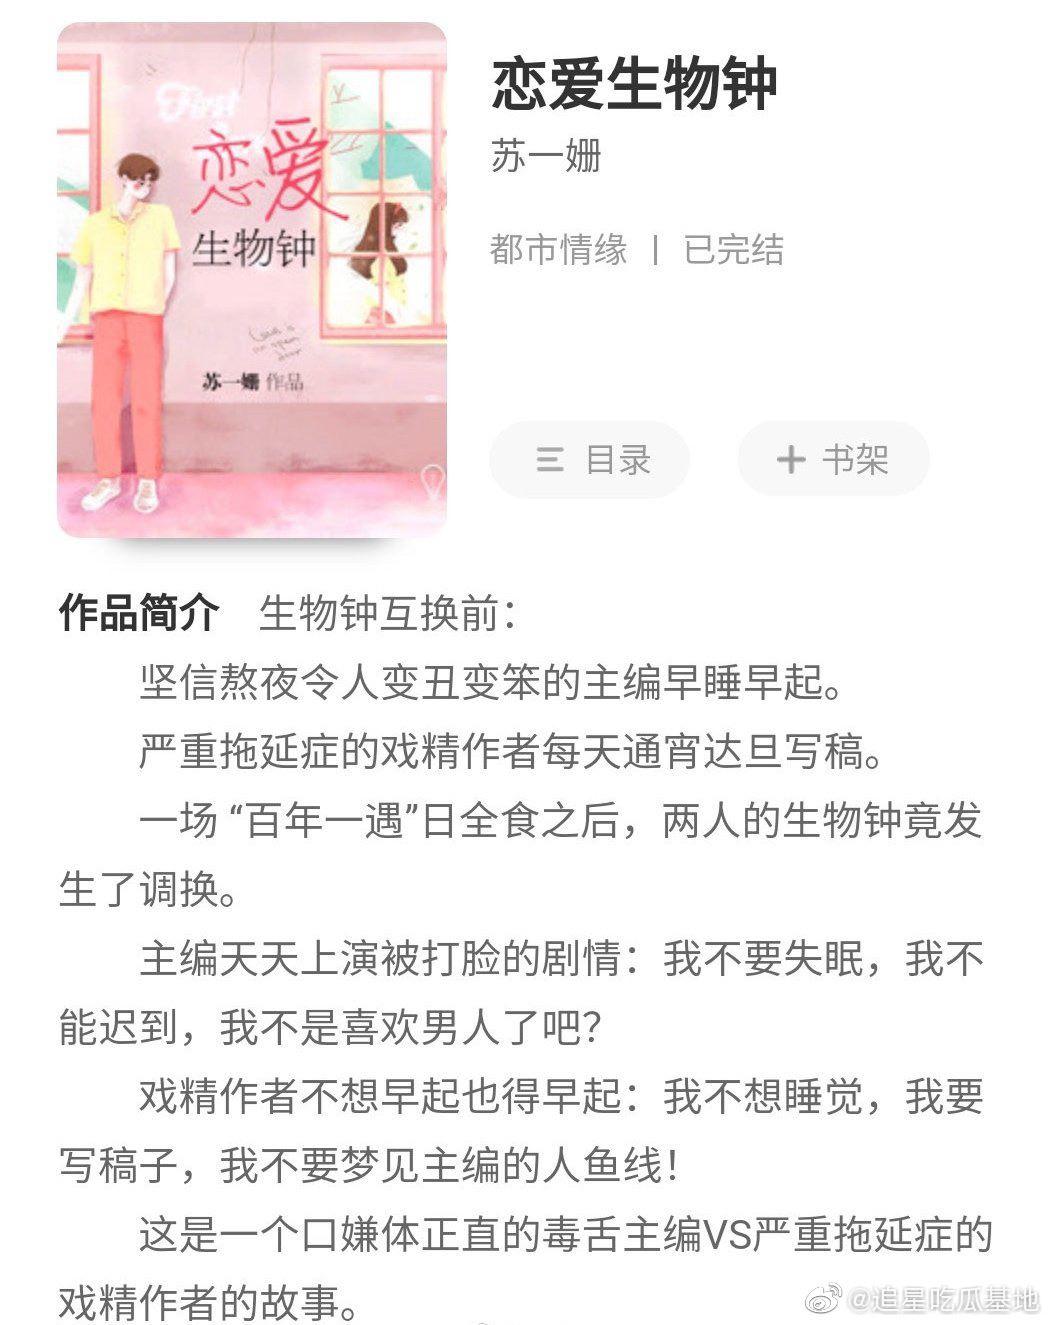 王承渲当女主角!与彭楚粤出演《恋爱生物钟》偶像剧